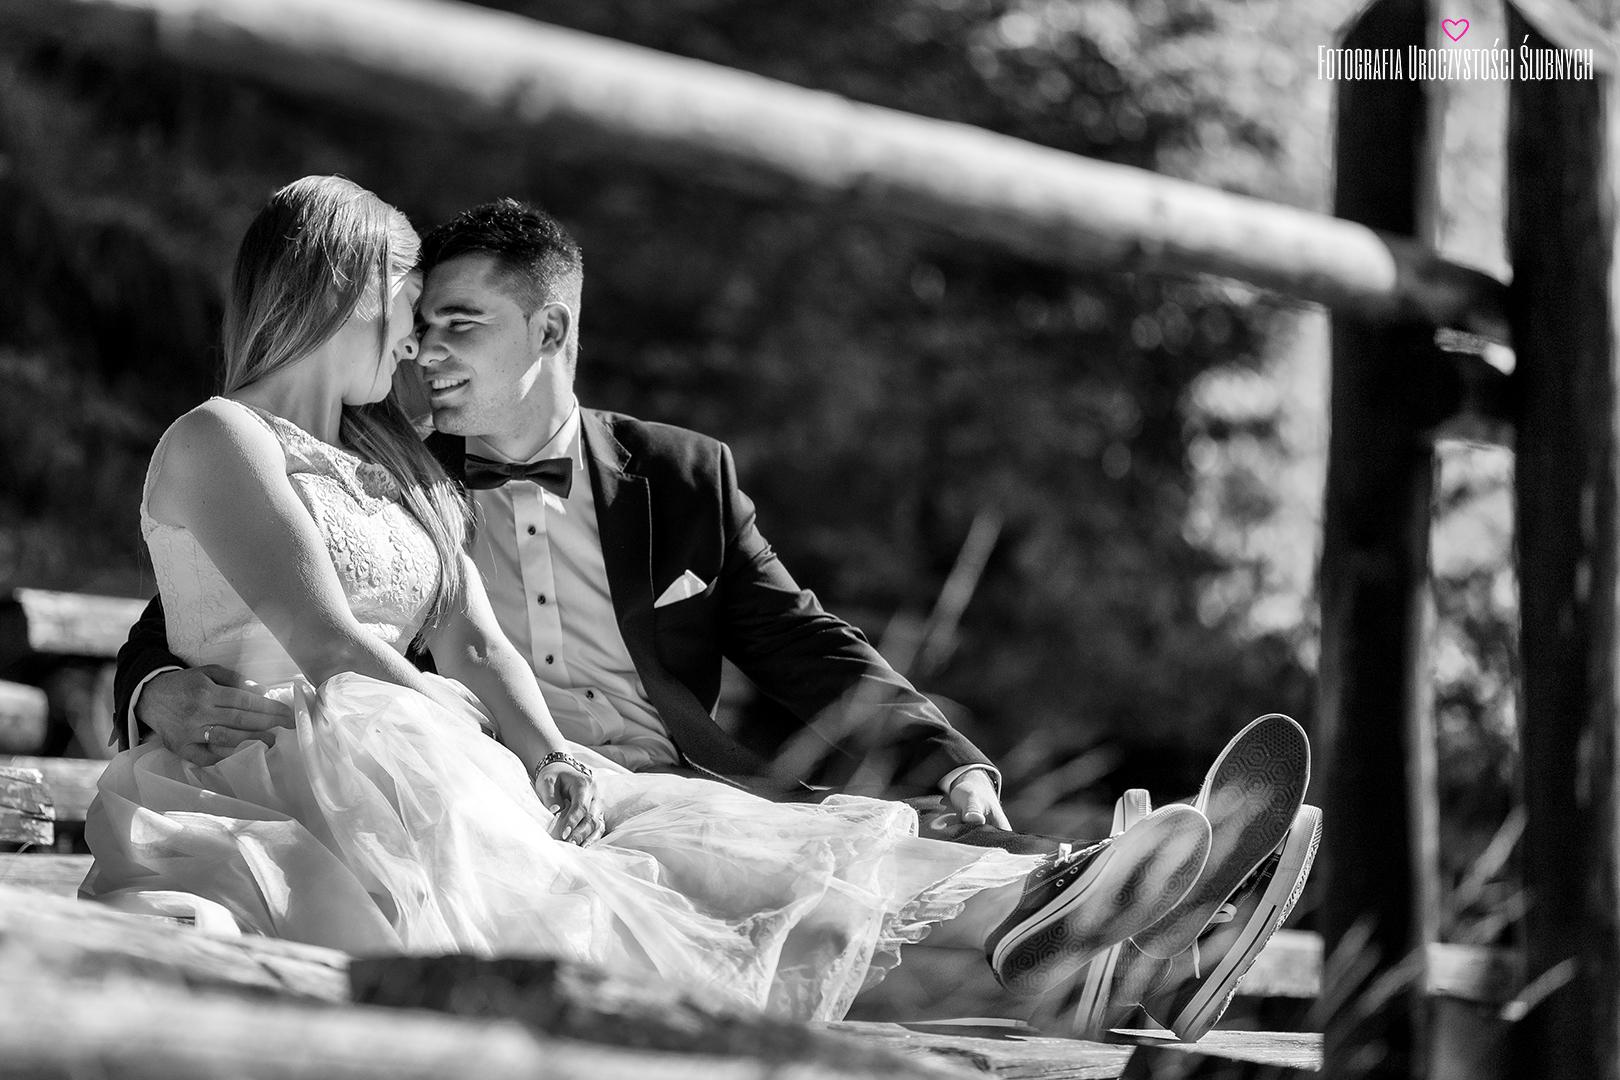 Reportaże ślubne, sesje narzeczeńskie, artystyczna fotografia ślubna Jelenia Góra. Zdjęcia z pleneru ślubnego w Karkonoszach.